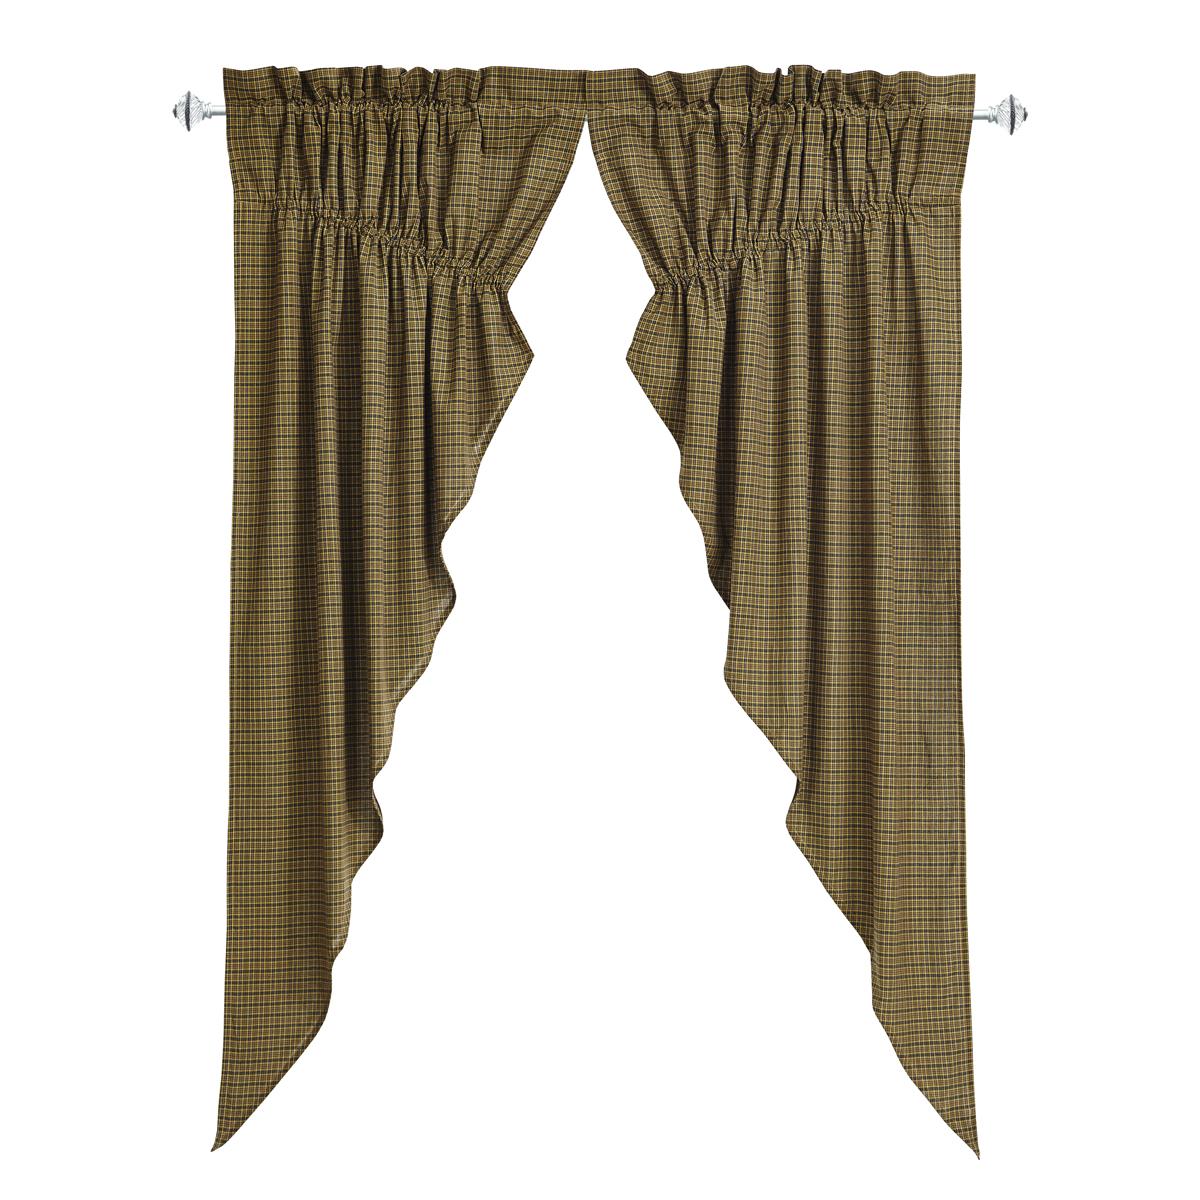 Prairie curtain set 63x36x18 9d187065 7ef0 4d73 8f51 9c6702053fea